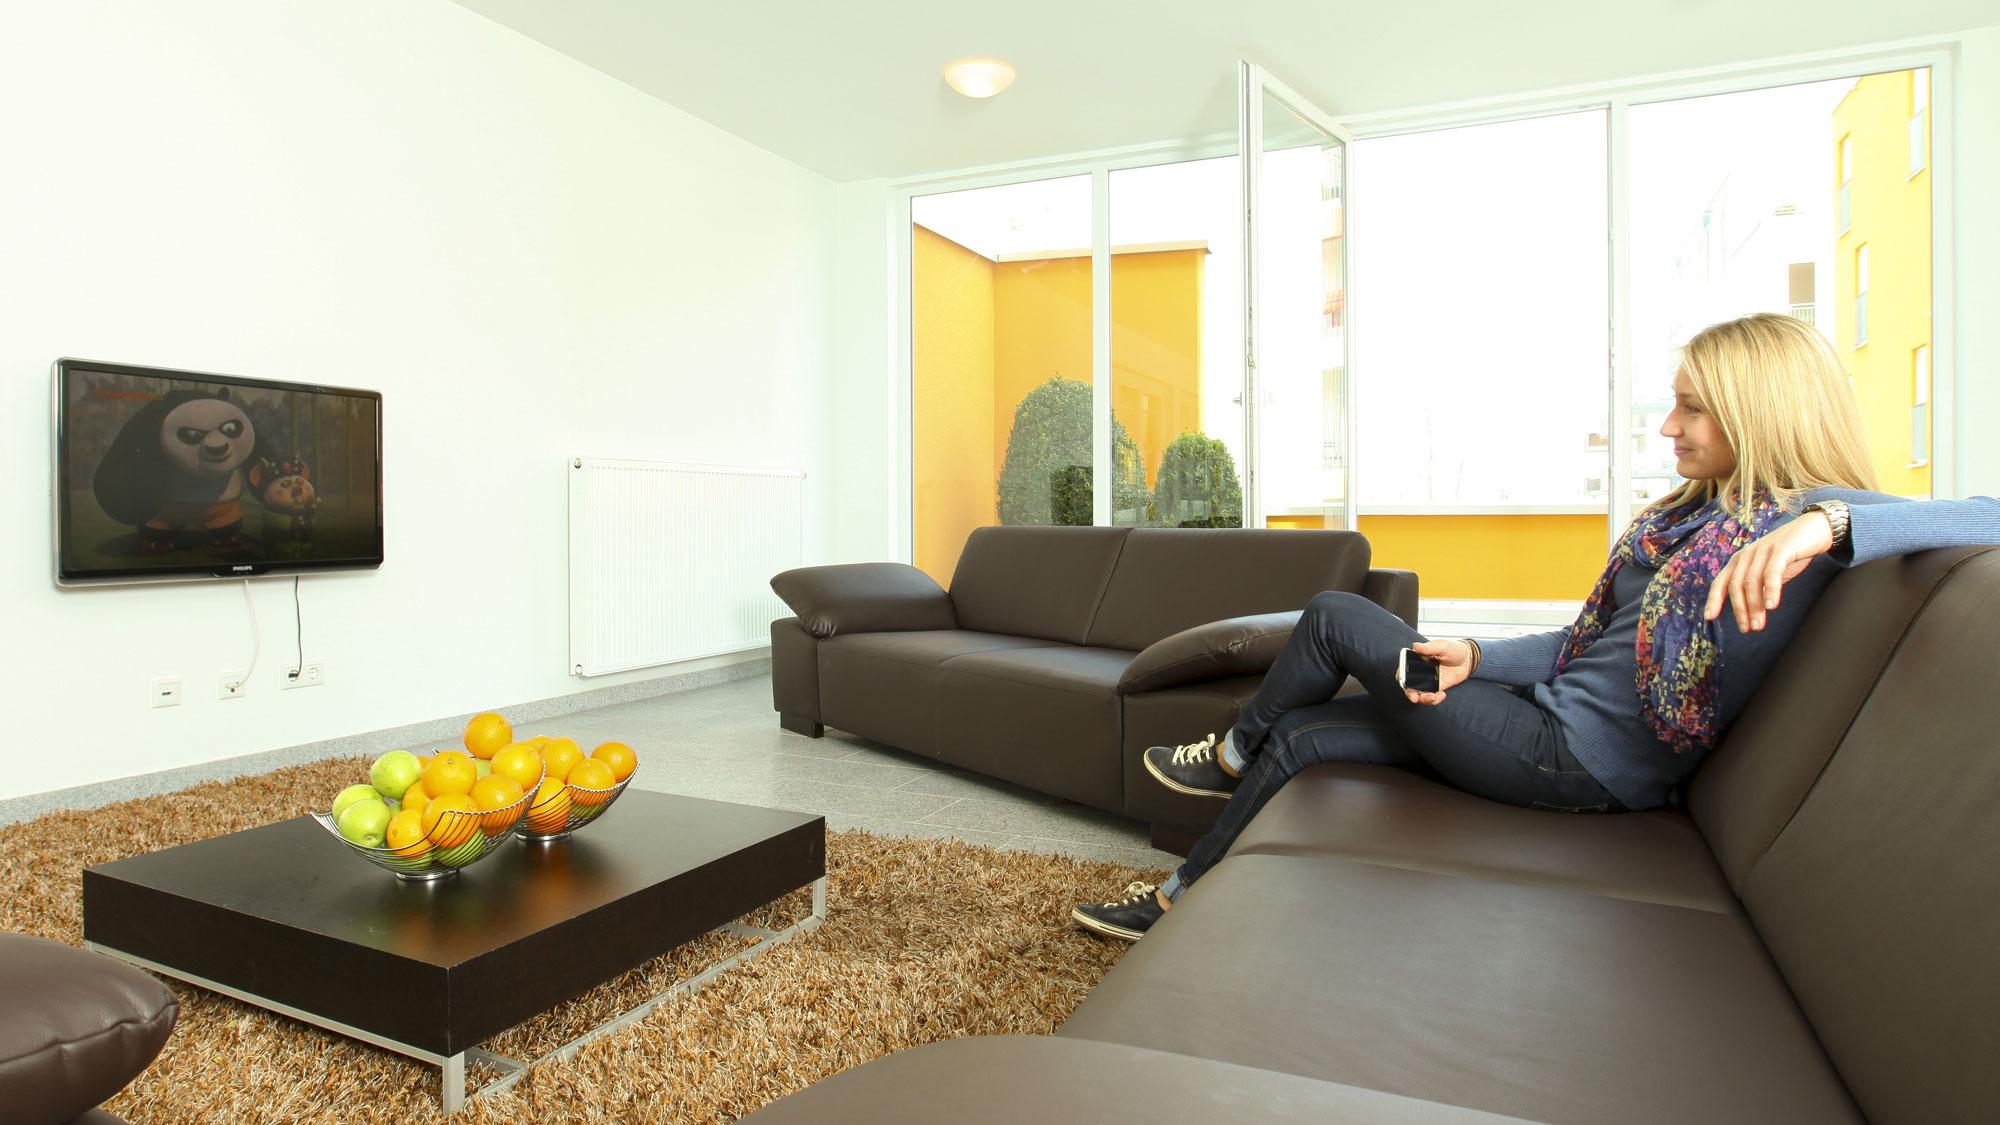 Frau sitzt auf der Couch im Wohnzimmer mit angrenzendem Balkon eines Studentenapartments in der Wohnanlage studiosus 1 ins Regensburg